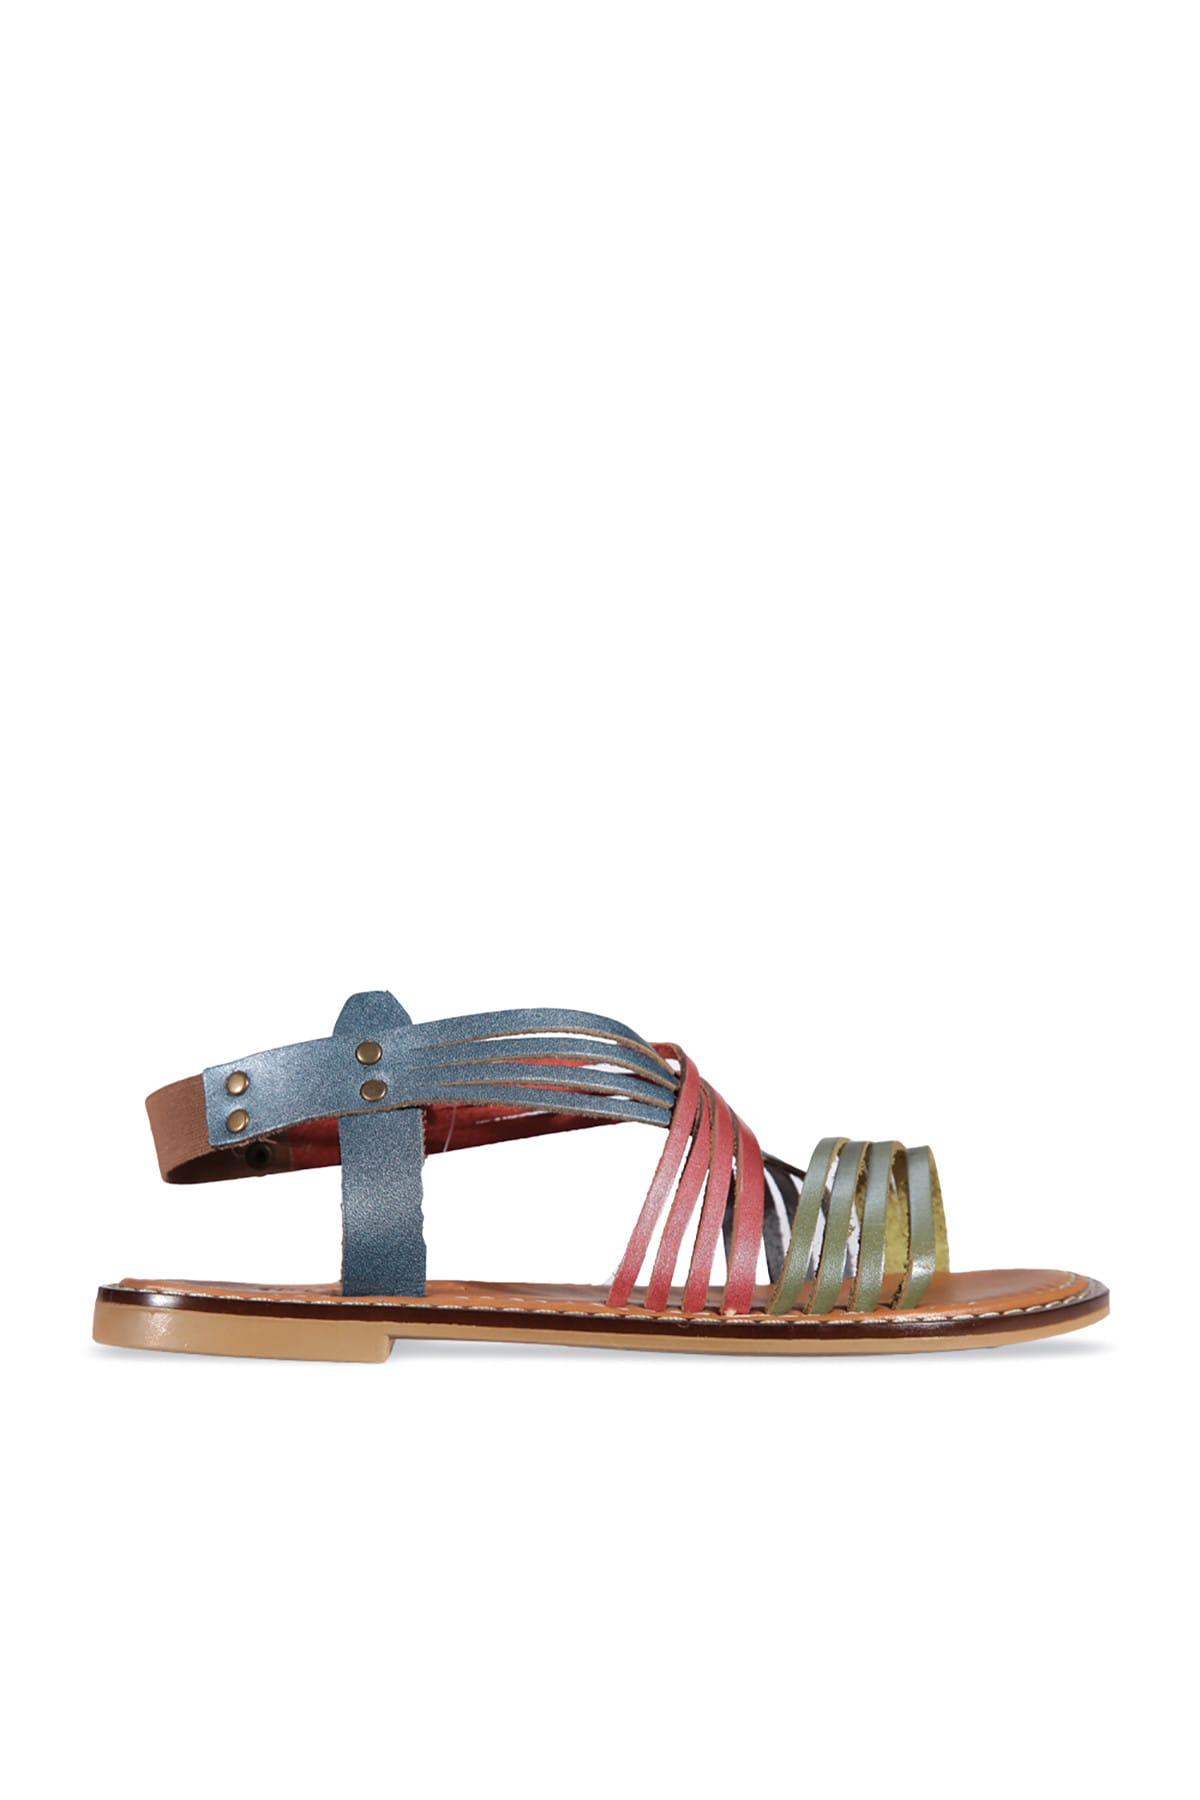 MP Kadın Sandalet - 191-7628ZN 1